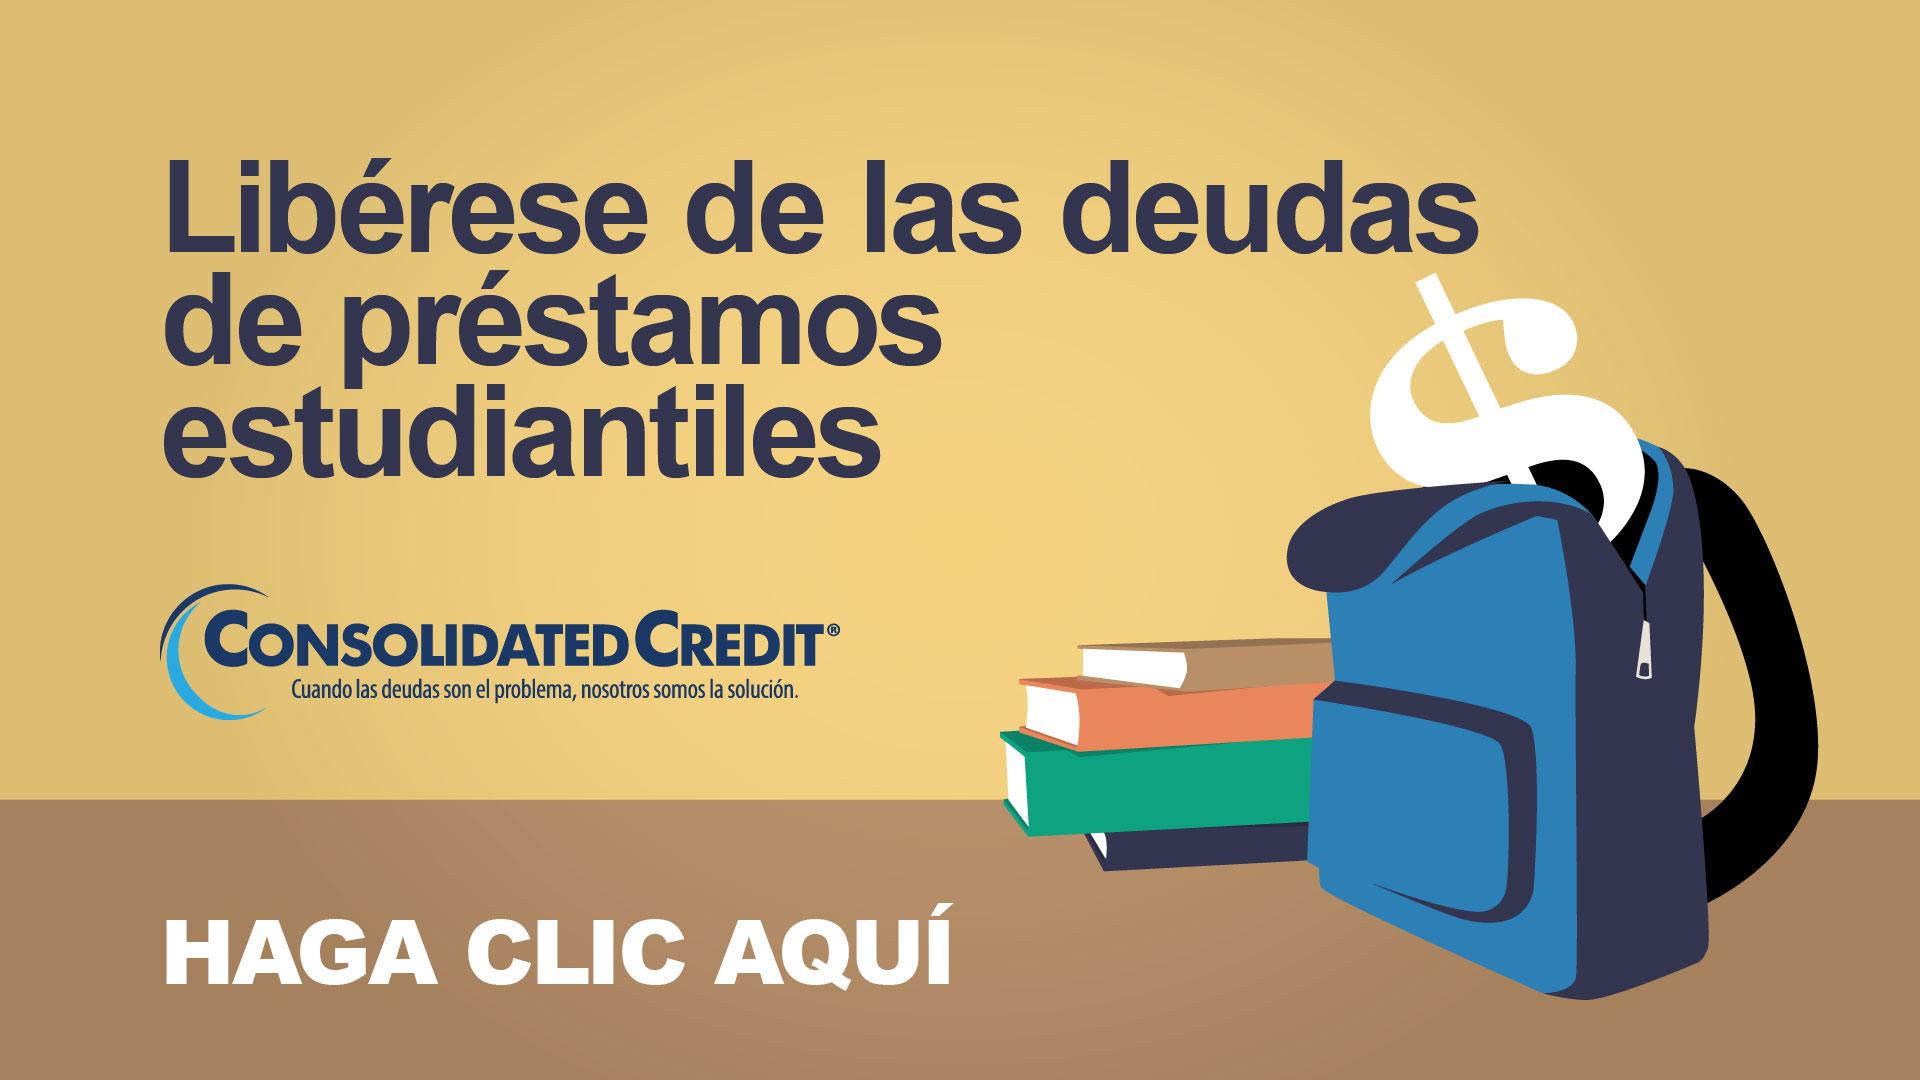 Préstamos estudiantiles: ¿Cuál es el plan de pagos más apropiado para usted?